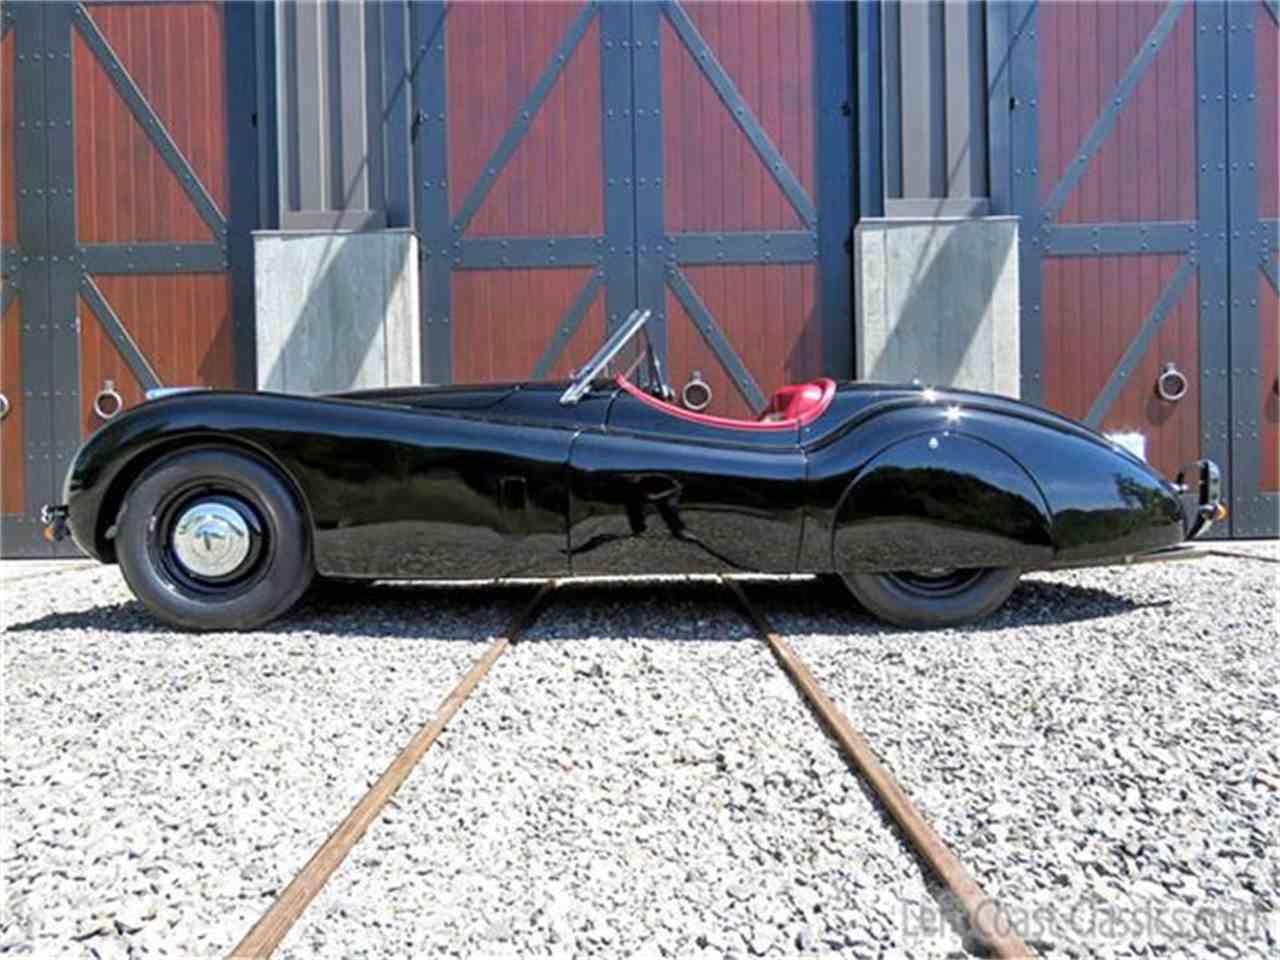 fixed arizona coupe jaguar sale lots rm s for en sotheby head auctions